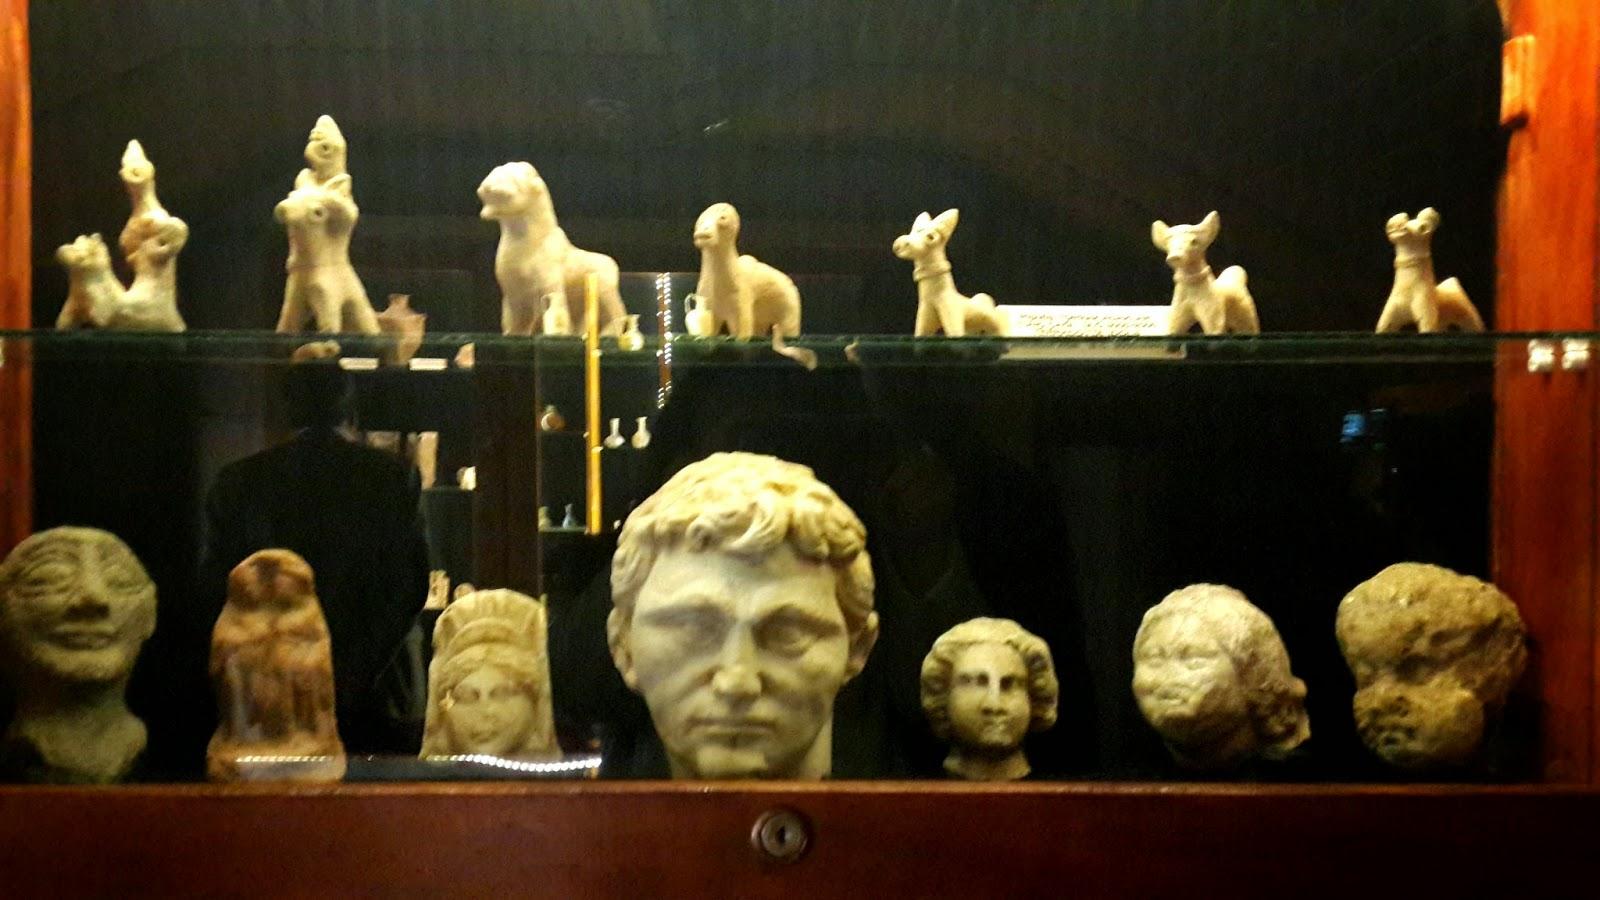 bronz heykel,cam, tarihi eser, Roma dönemi, heykel, müze, Gaziantep